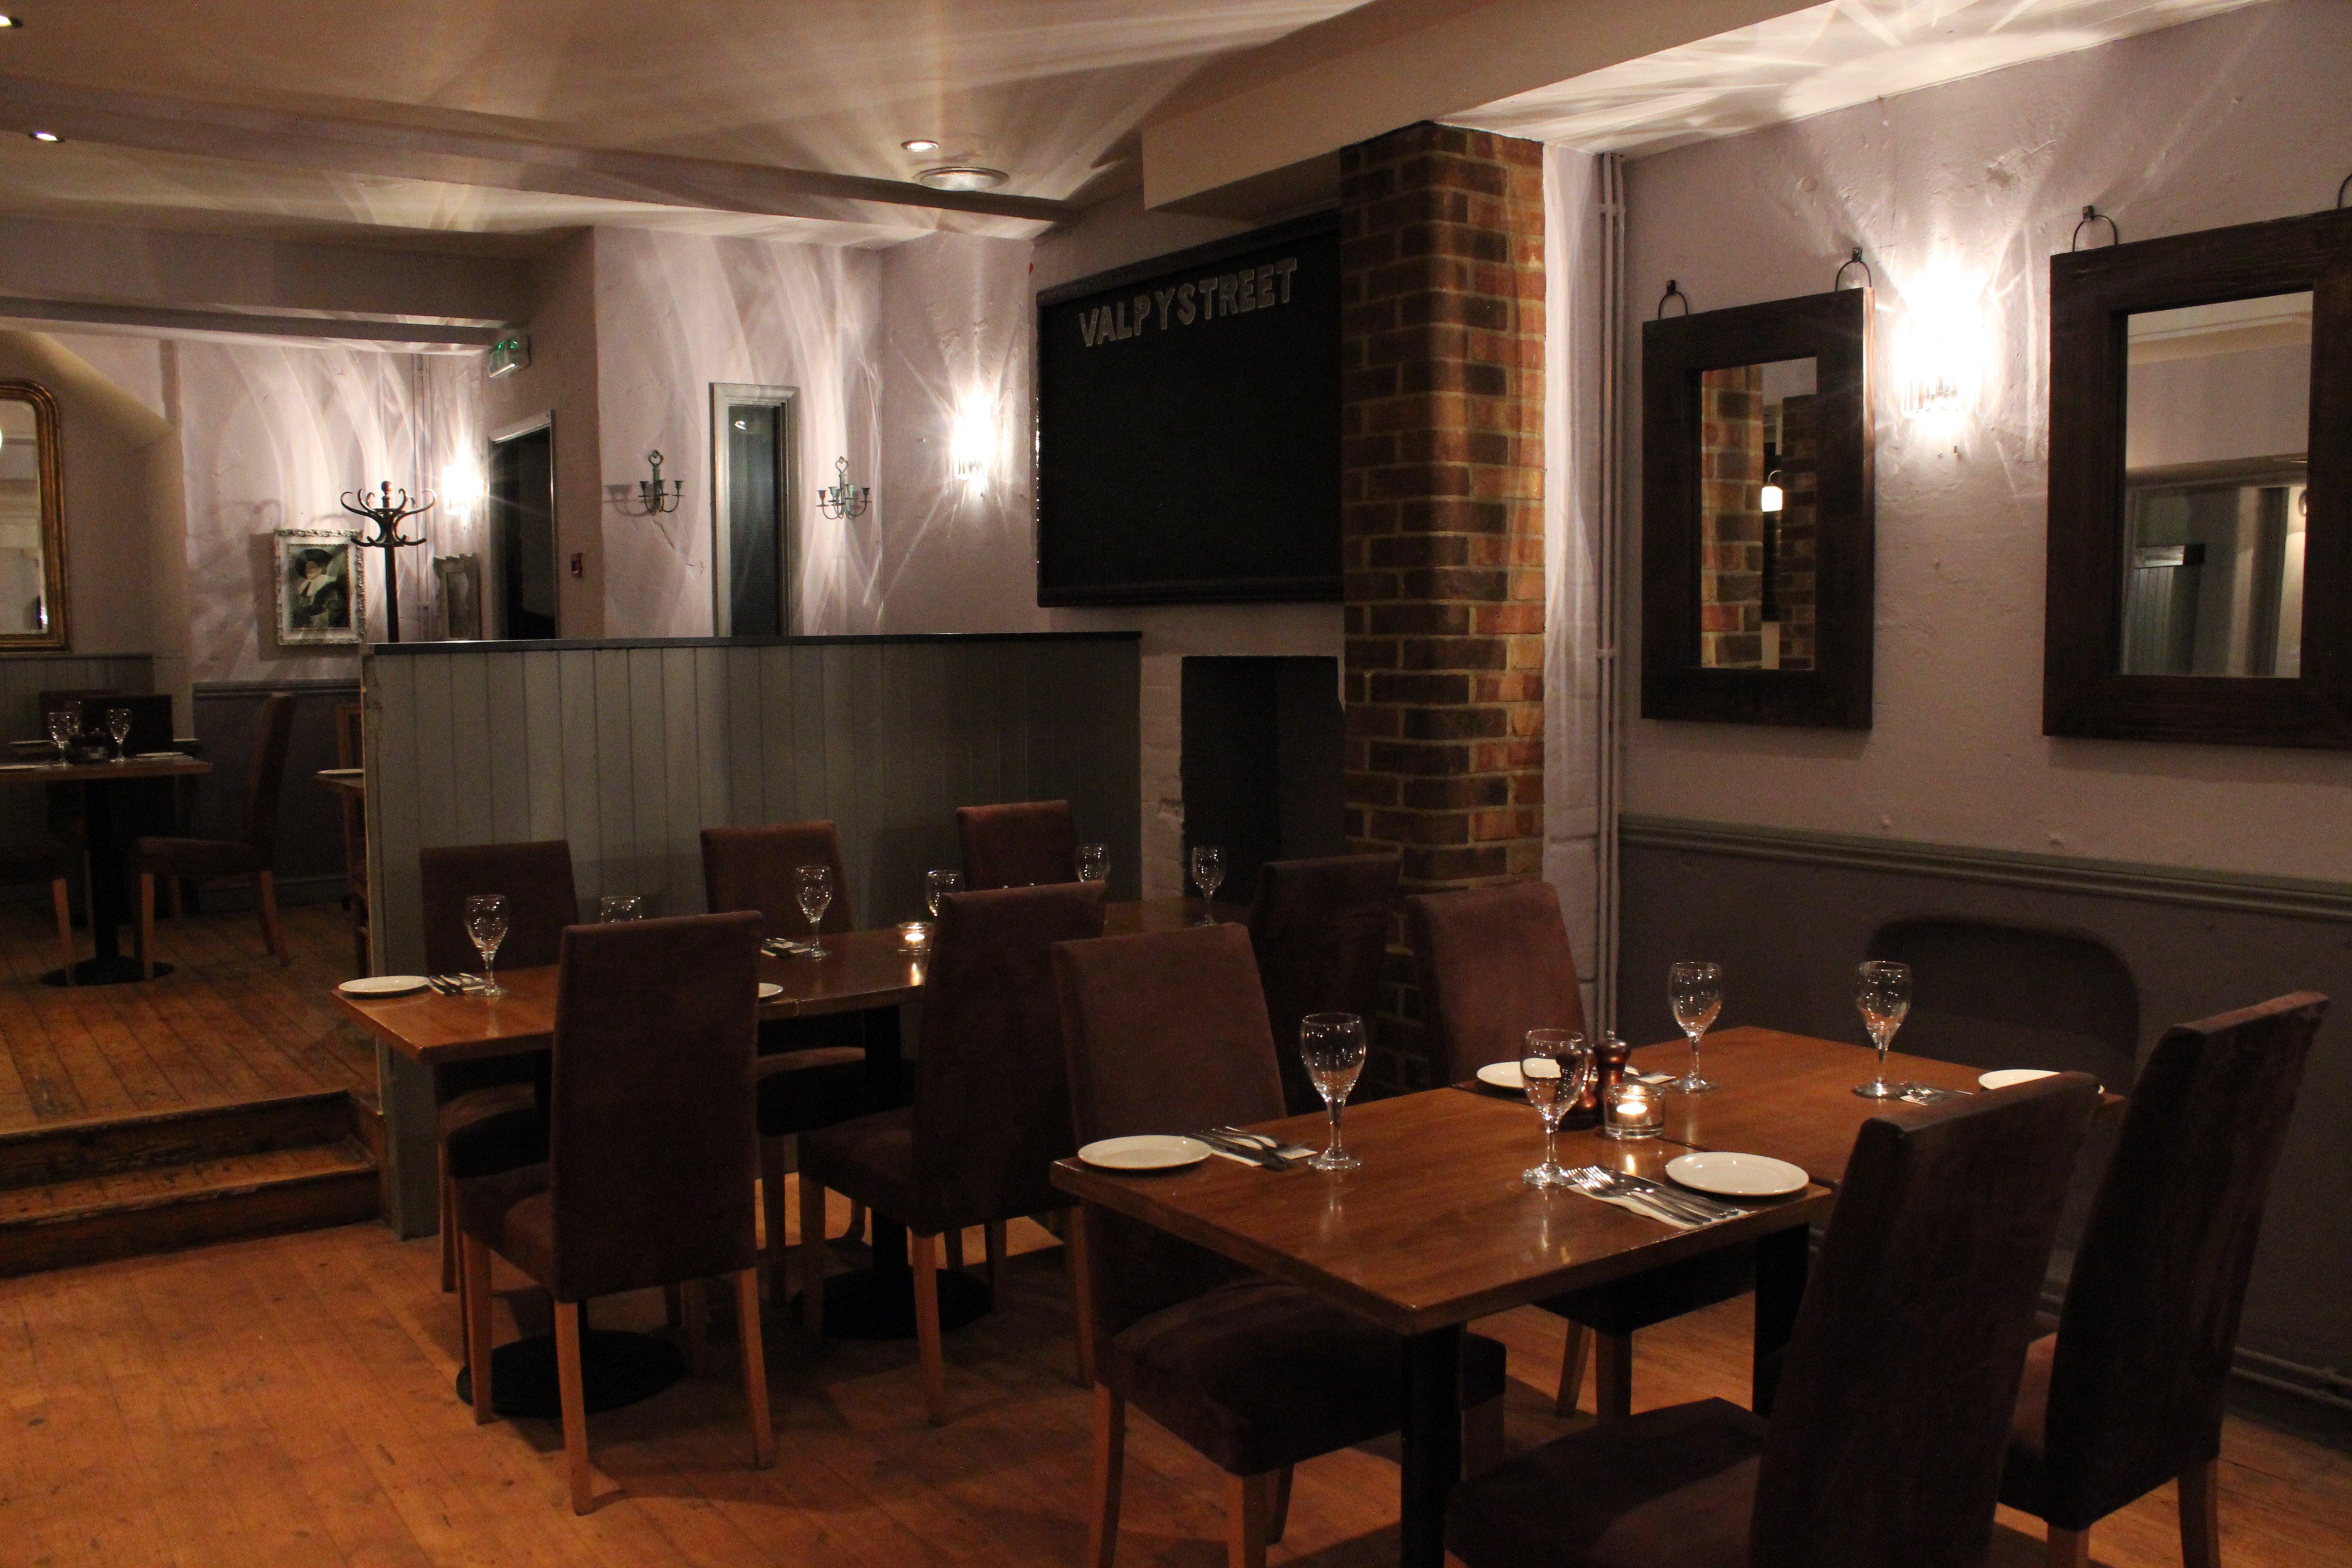 Valpy Street cellar restaurant